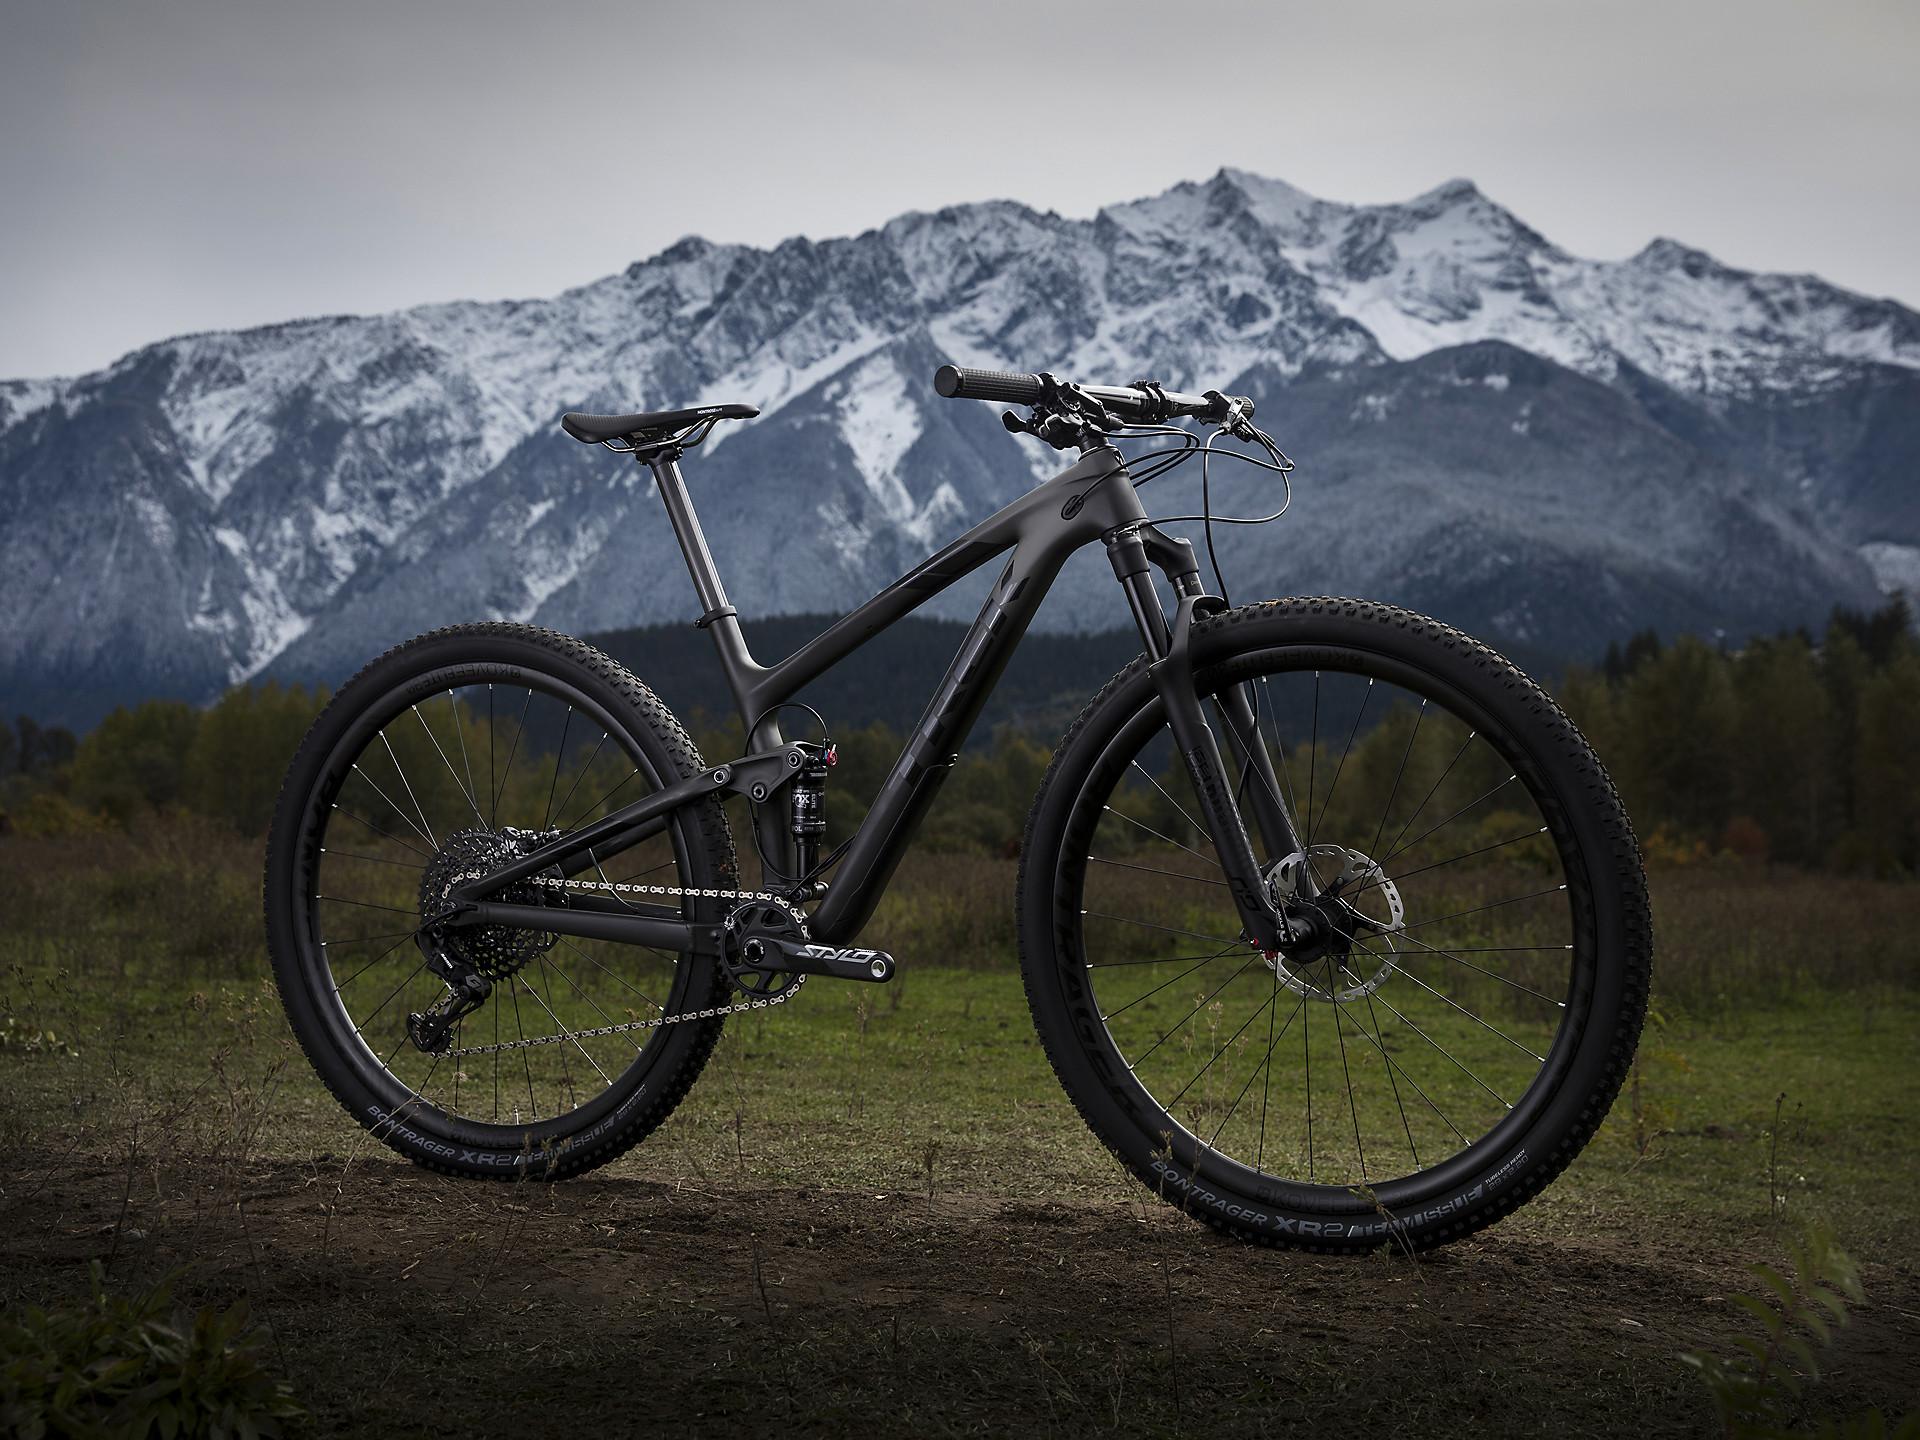 Top Fuel 9 8 SL | Trek Bikes